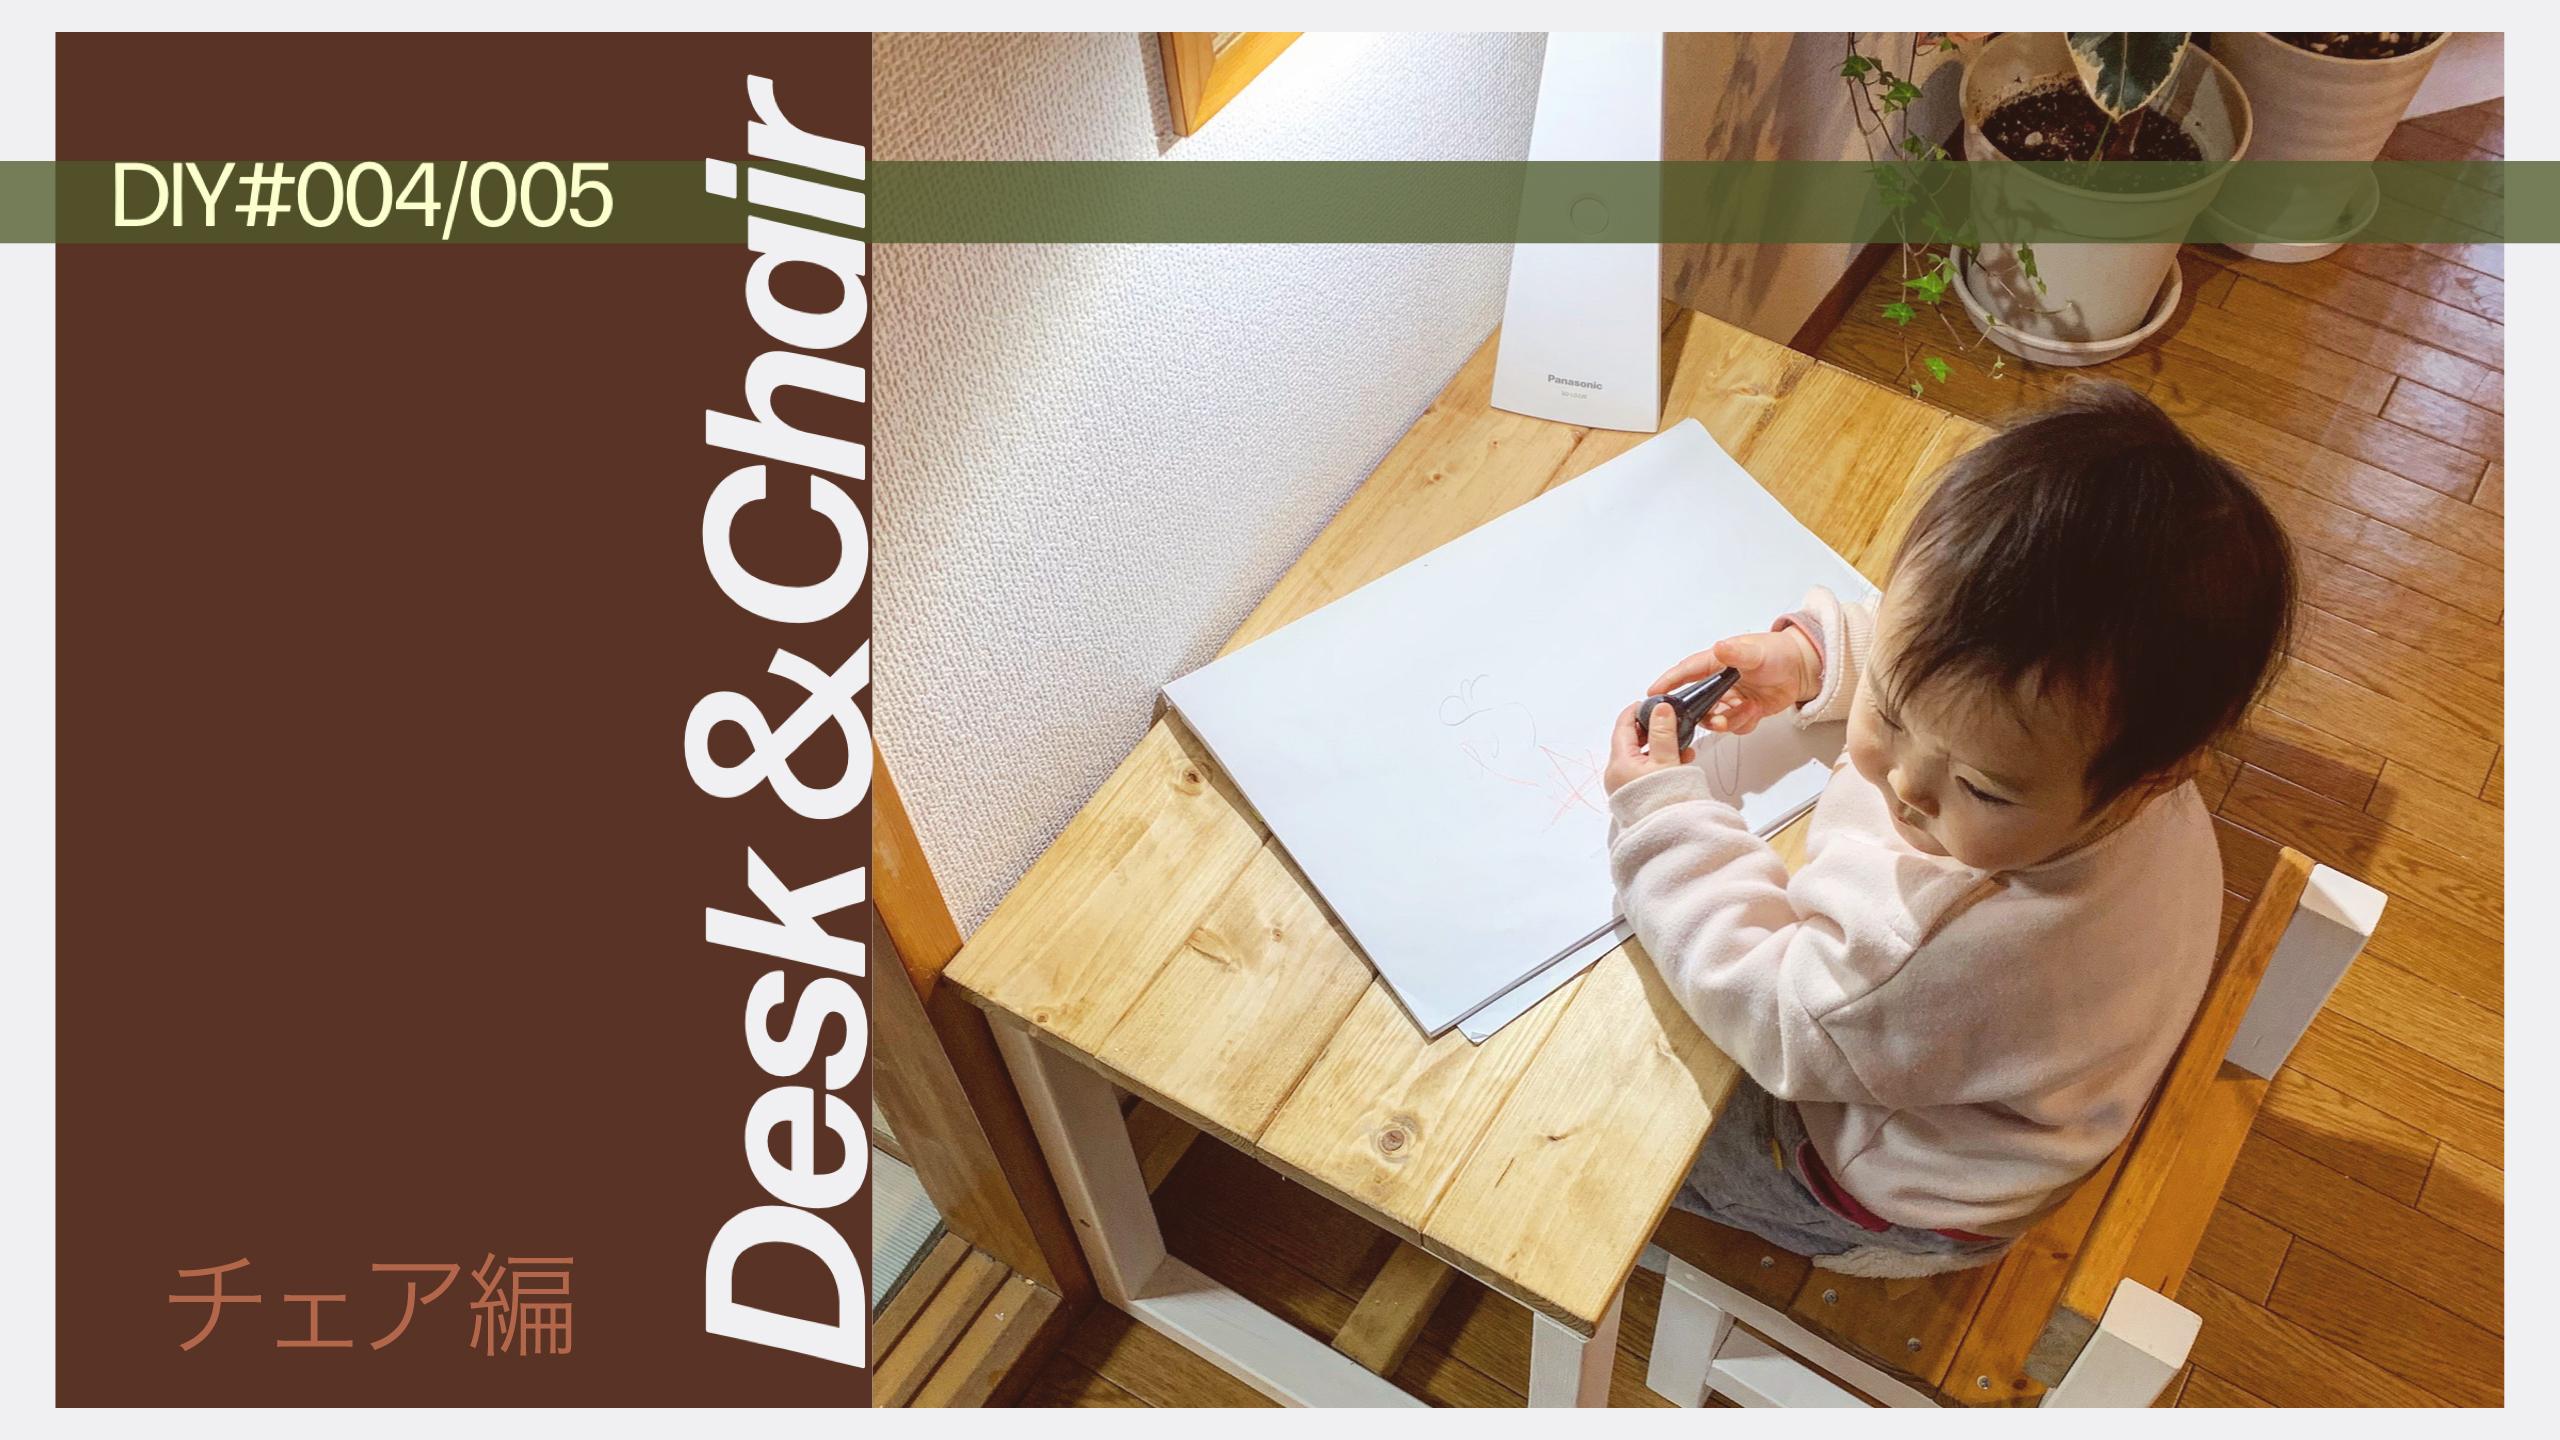 使う木材はたったの2種類!子どもデスク&チェア(1歳児用)をDIY ~チェア編